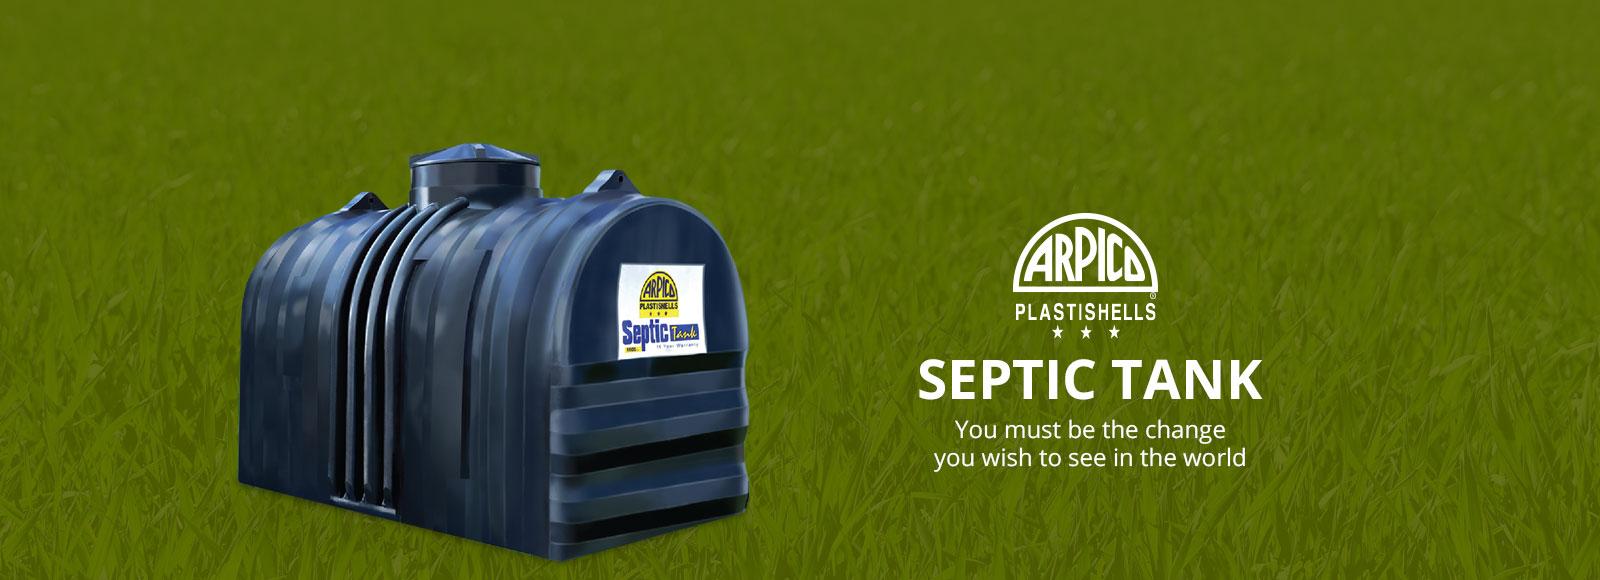 Septic Tanks | Arpico Water Tanks